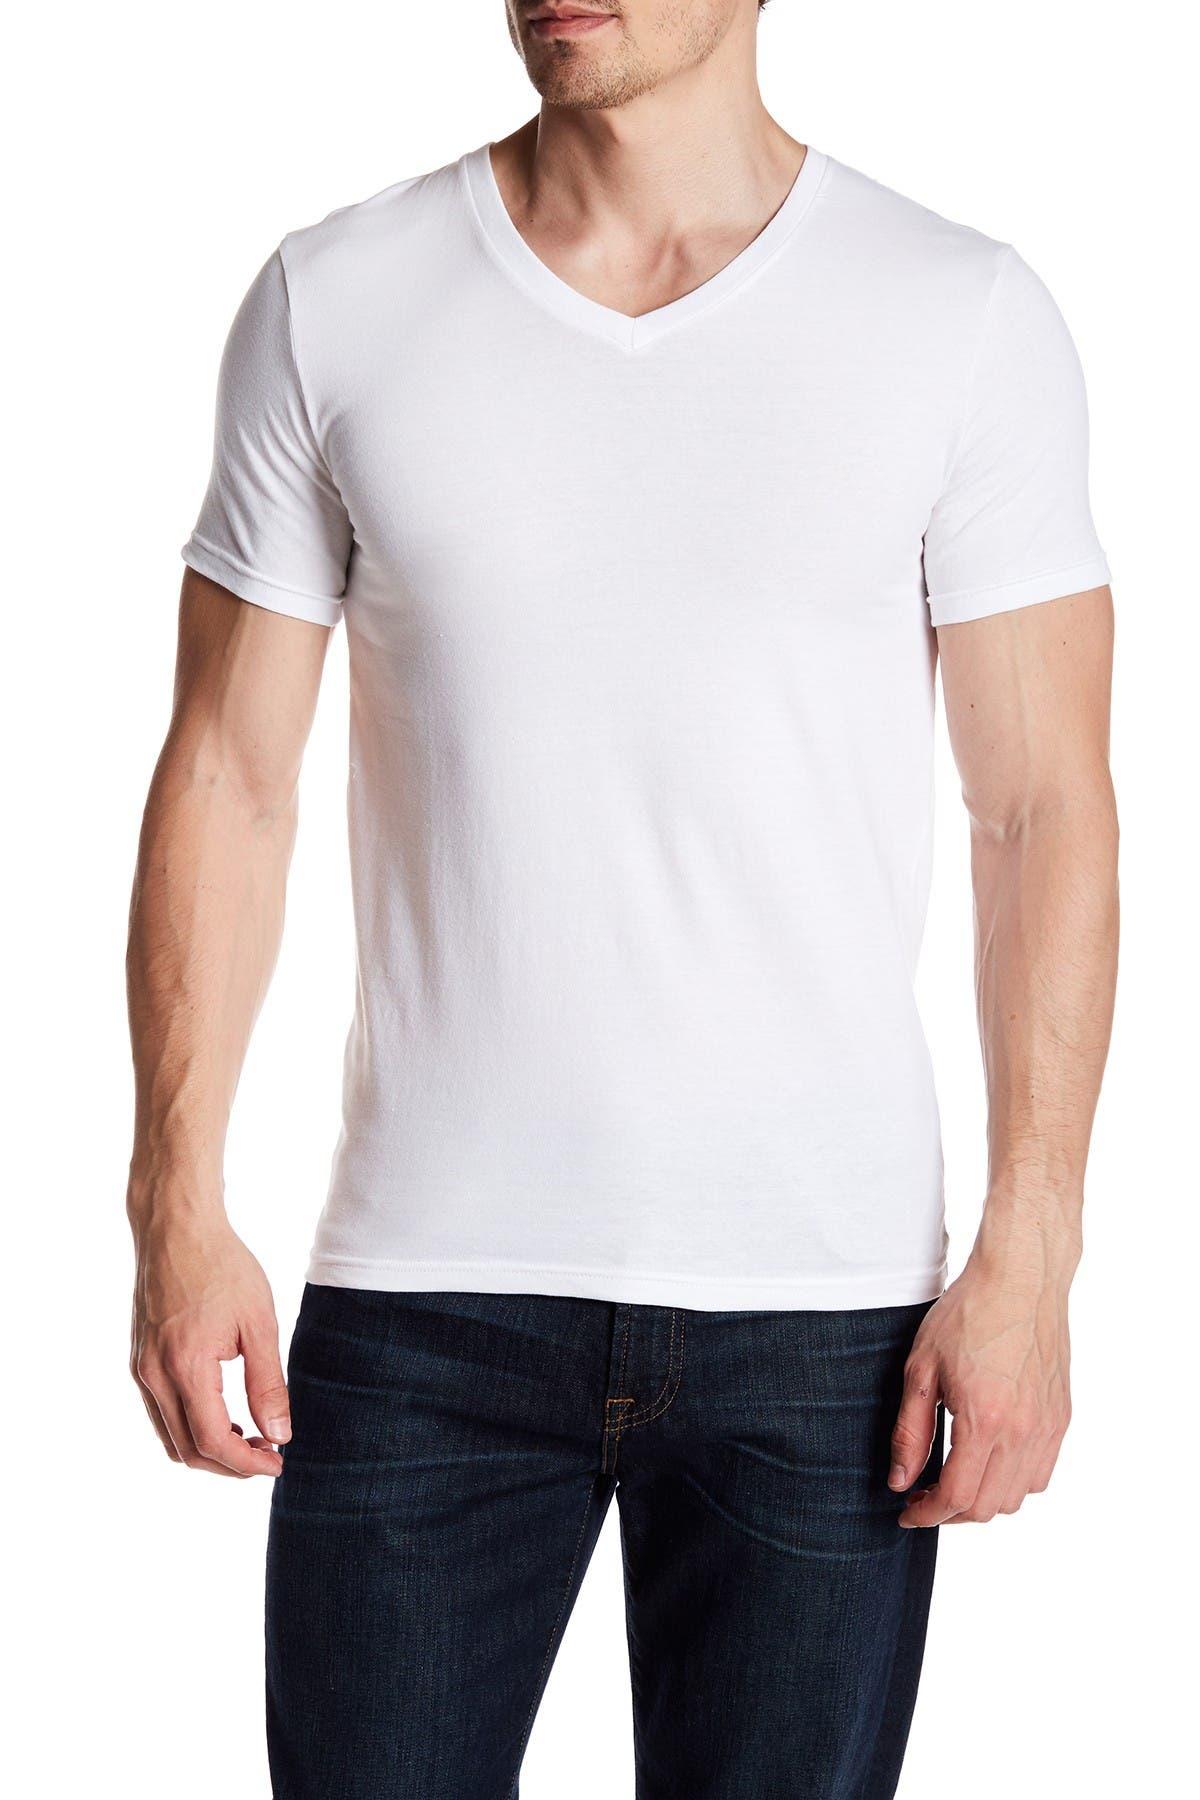 Nordstrom Rack Stretch Cotton V-Neck T-Shirt - Pack of 3 at Nordstrom Rack